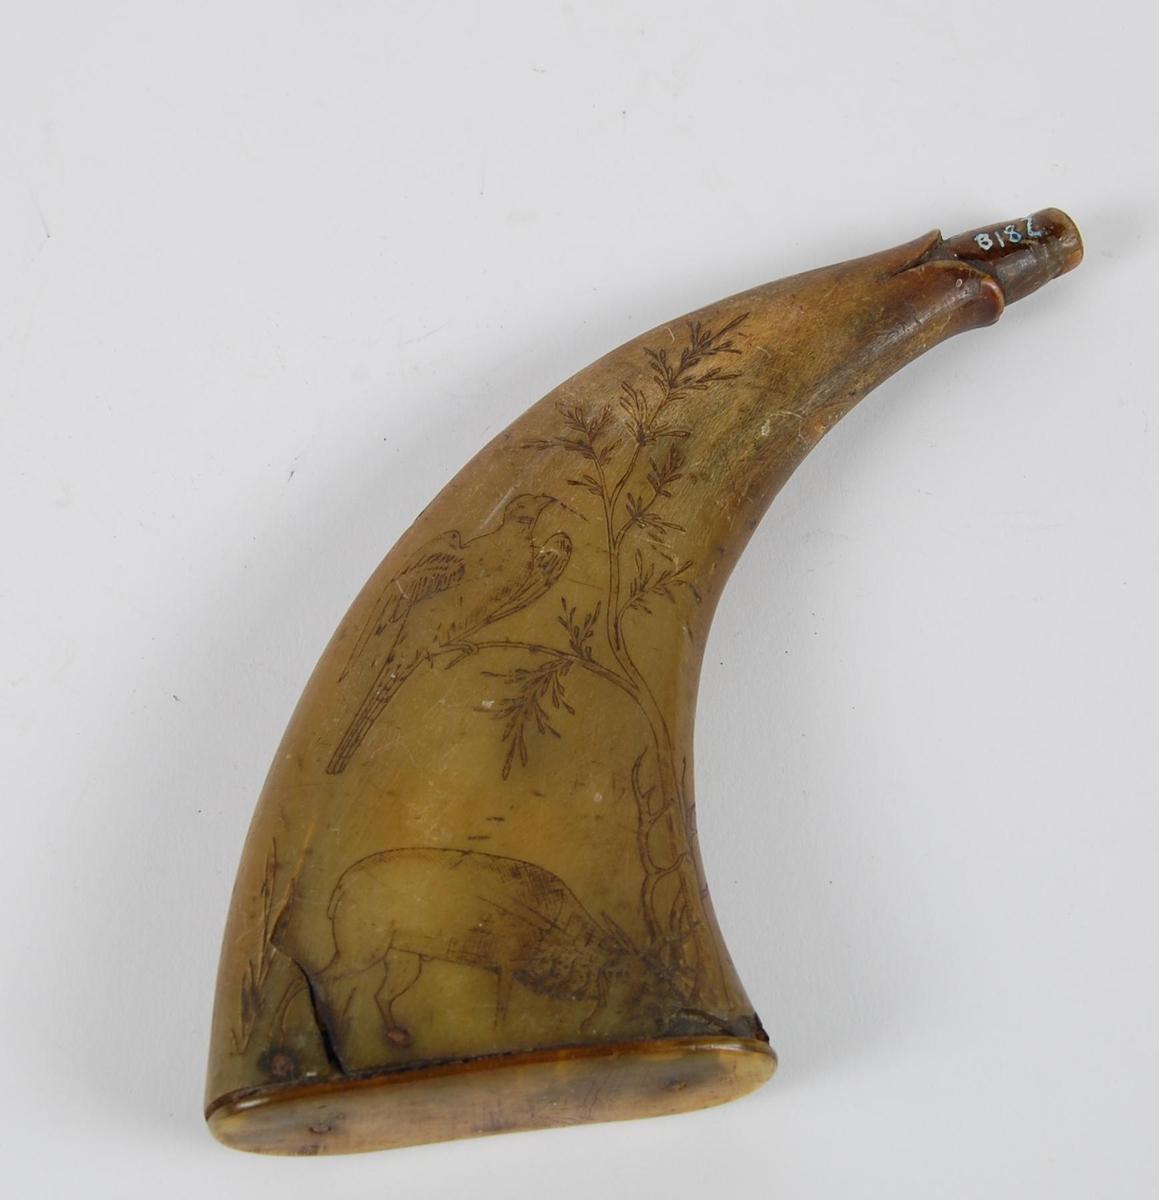 Flatt krutthorn med risset dekor. På ene siden motiv av et tre, påfugl på  grein, og hjort som feier horn. På den andre siden er det motiv av trommer, hauker, flintlås, sabel, hellebarder og spyd. Bunnplaten er av horn. Munningen er delvis formet som et dyrehode (åpen kjeft). Hornet mangler propp.